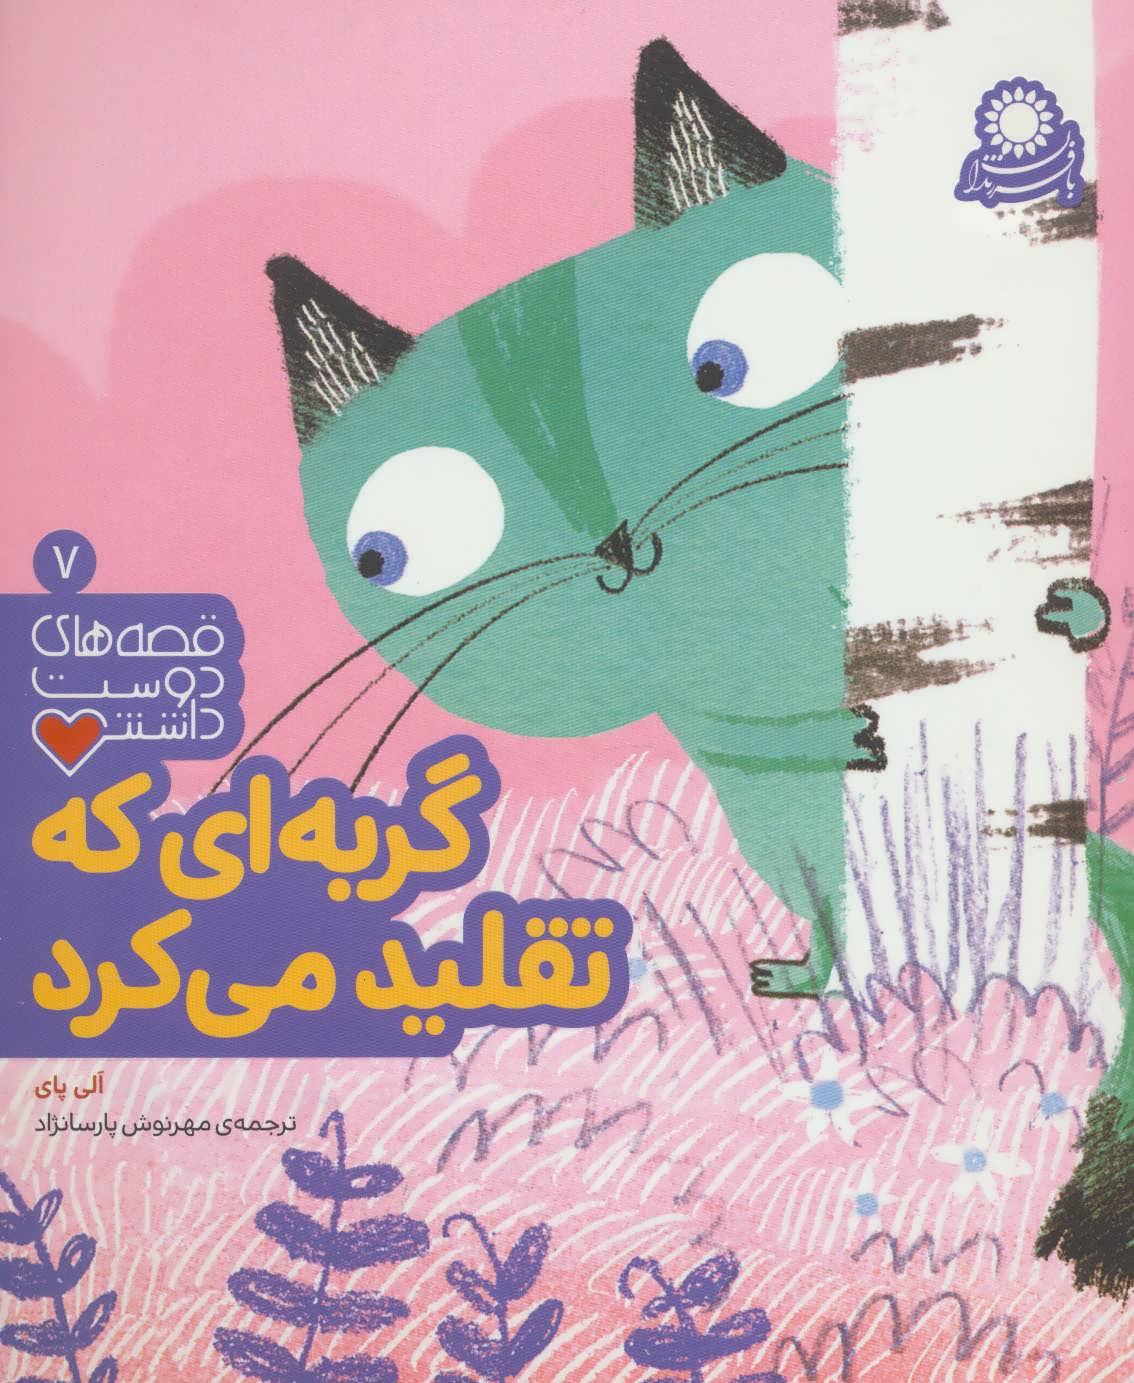 قصه های دوست داشتن 7 (گربه ای که تقلید می کرد)،(گلاسه)